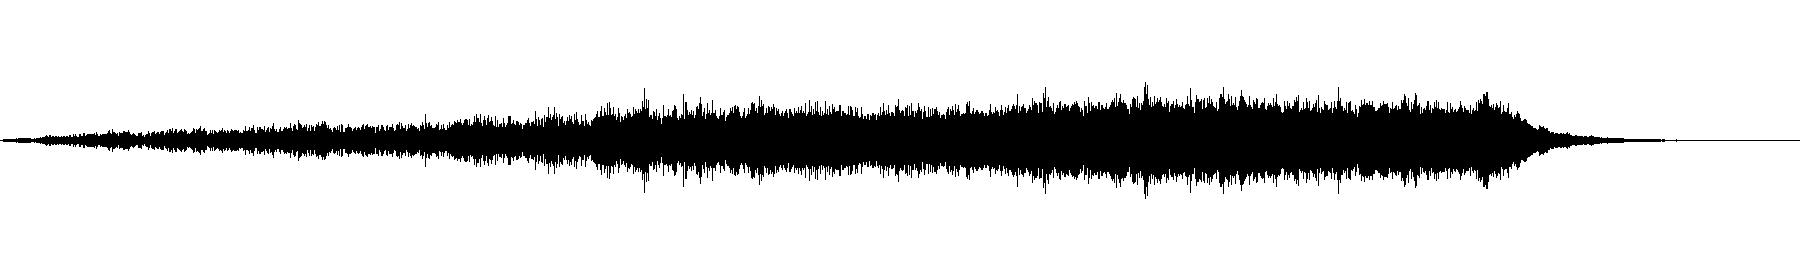 str fx b 08 xs